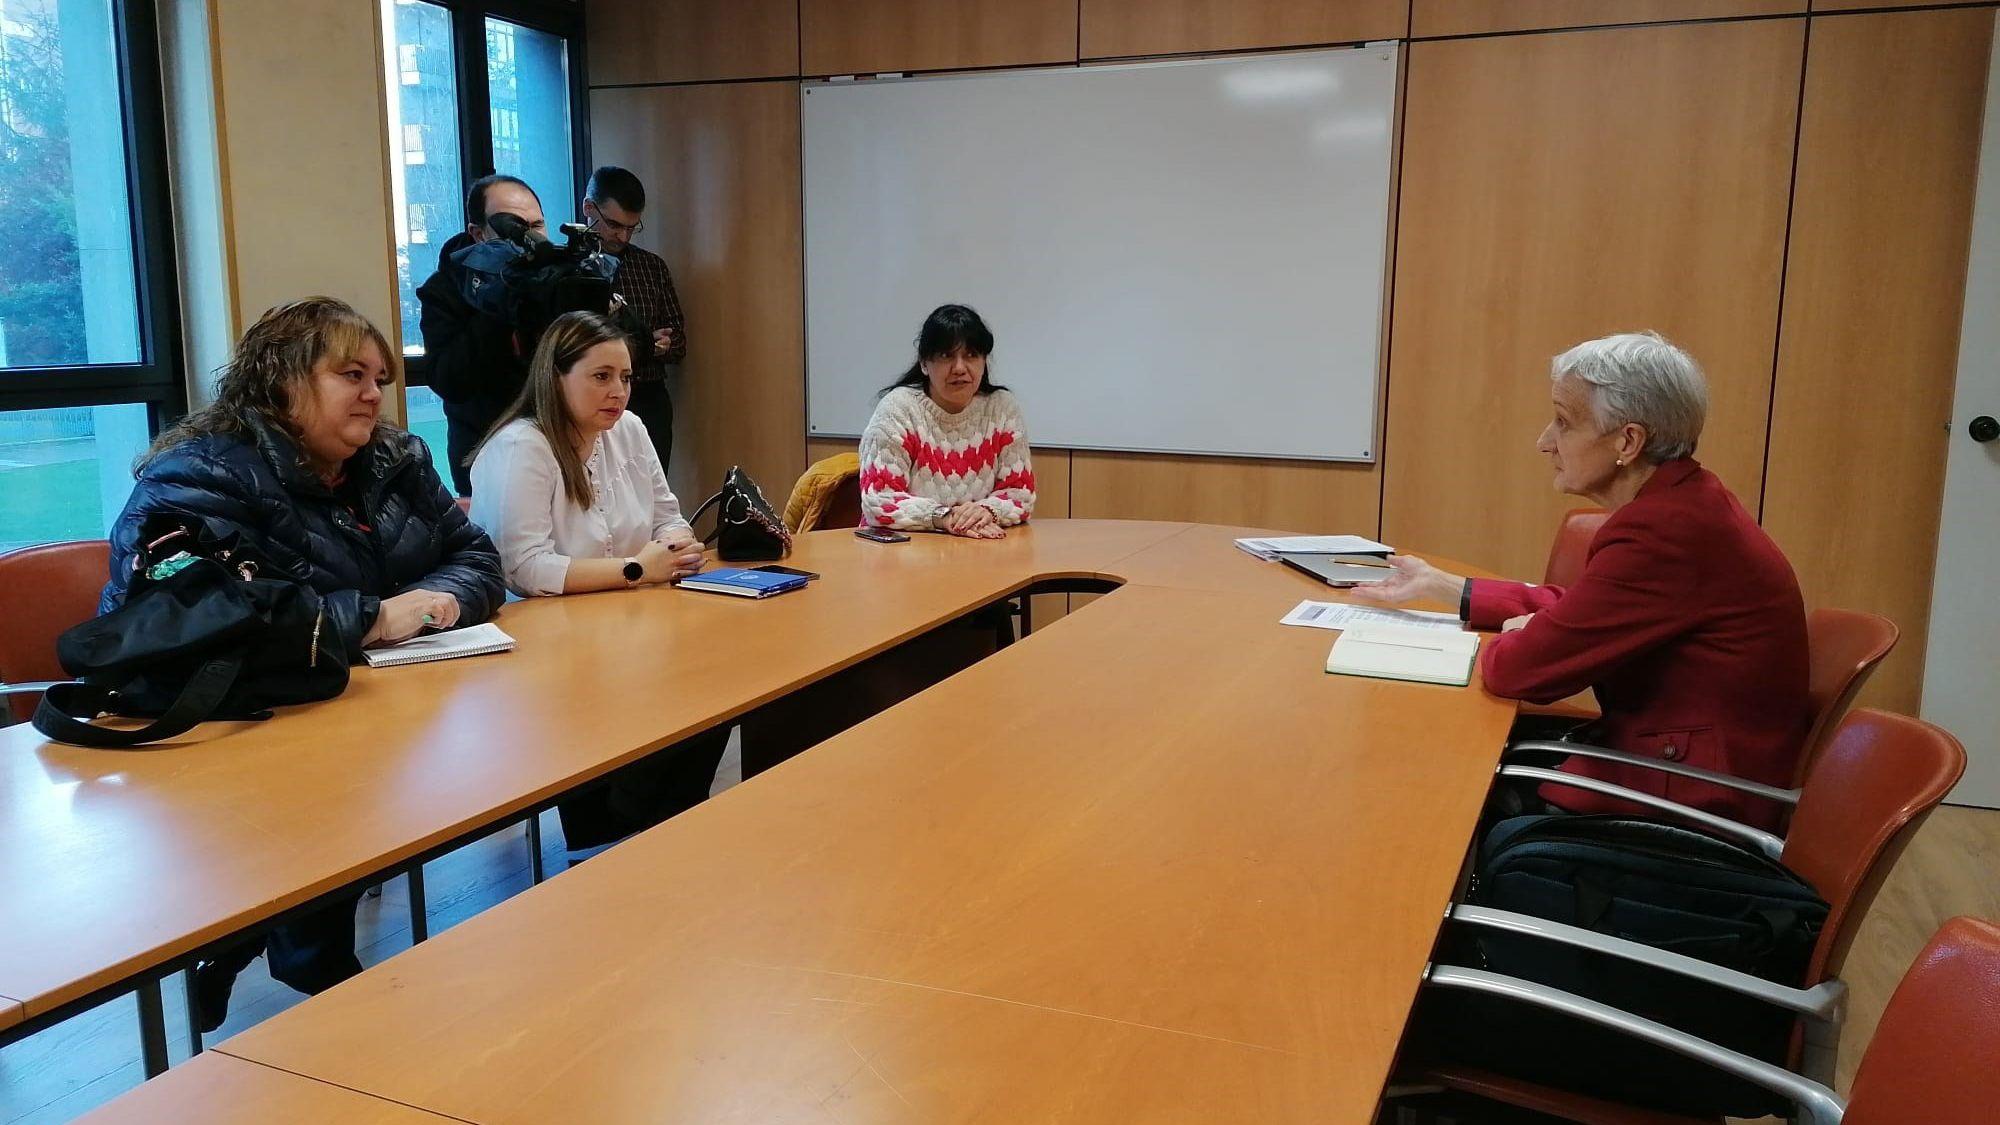 un alumno en un aula, clase, vacía.Reunión entre la consejera de Educación, Carmen Suárez y los representantes de Padres y madres de Alumnos.